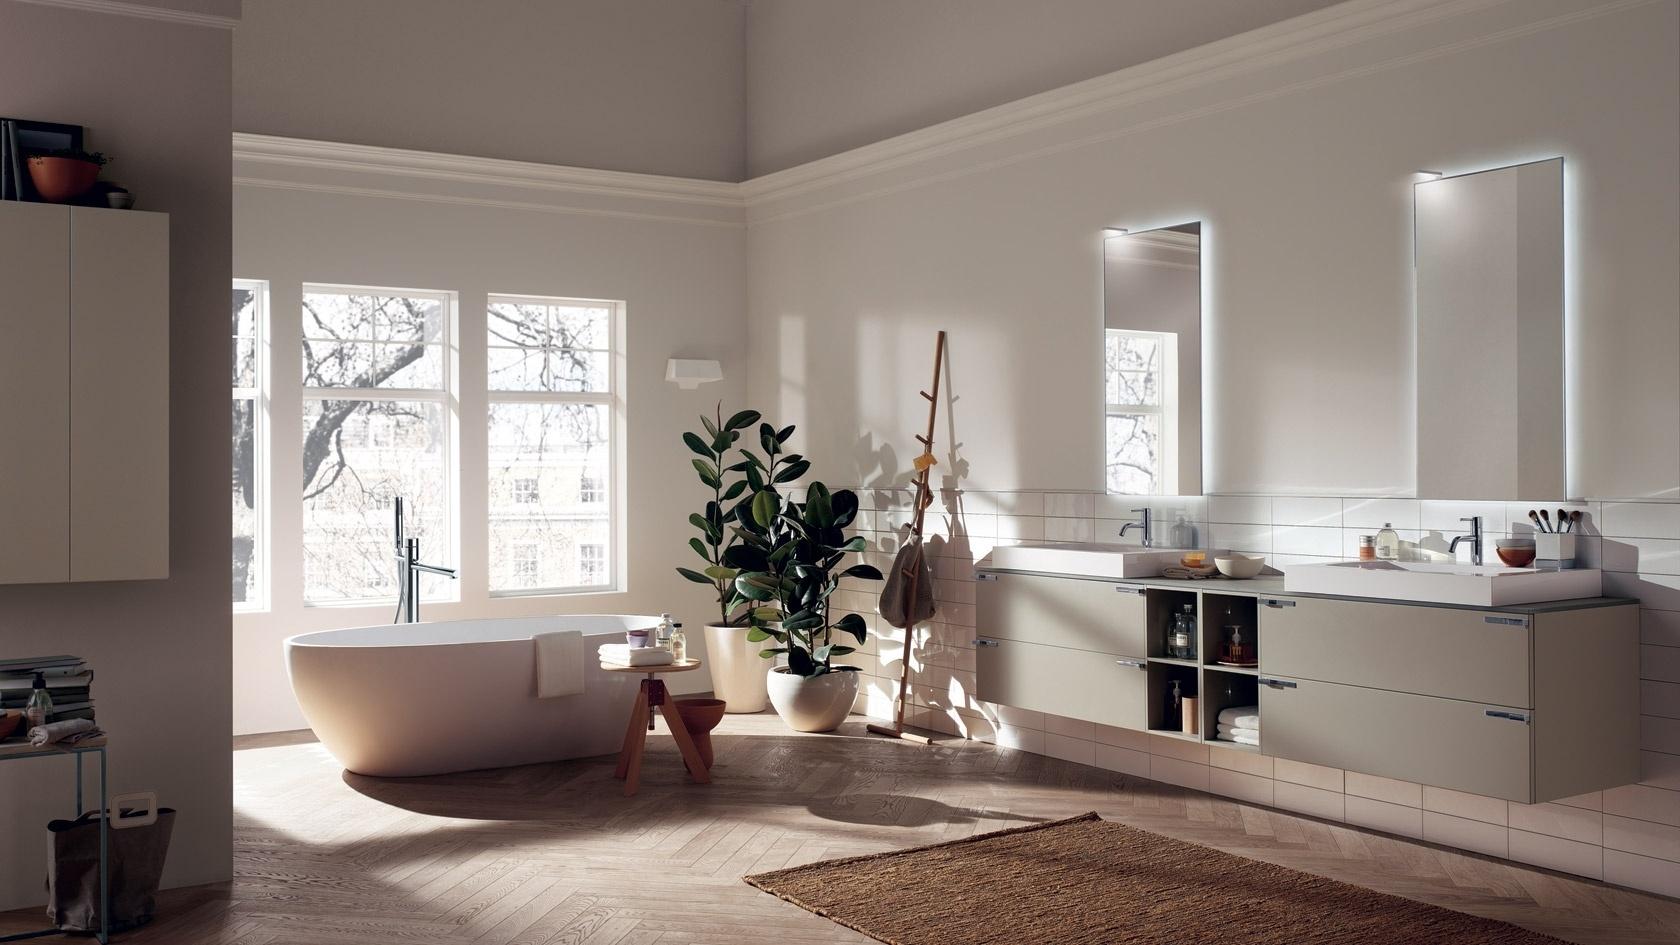 A italiana Idea Group (www.ideagroupbathrooms.com) apresentou um banheiro minimalista na edição 2016 do Salone del Bagno, que faz parte do Salão Internacional do Móvel de Milão, na Itália. Urbana e moderna, a proposta tem como destaque a banheira Oval